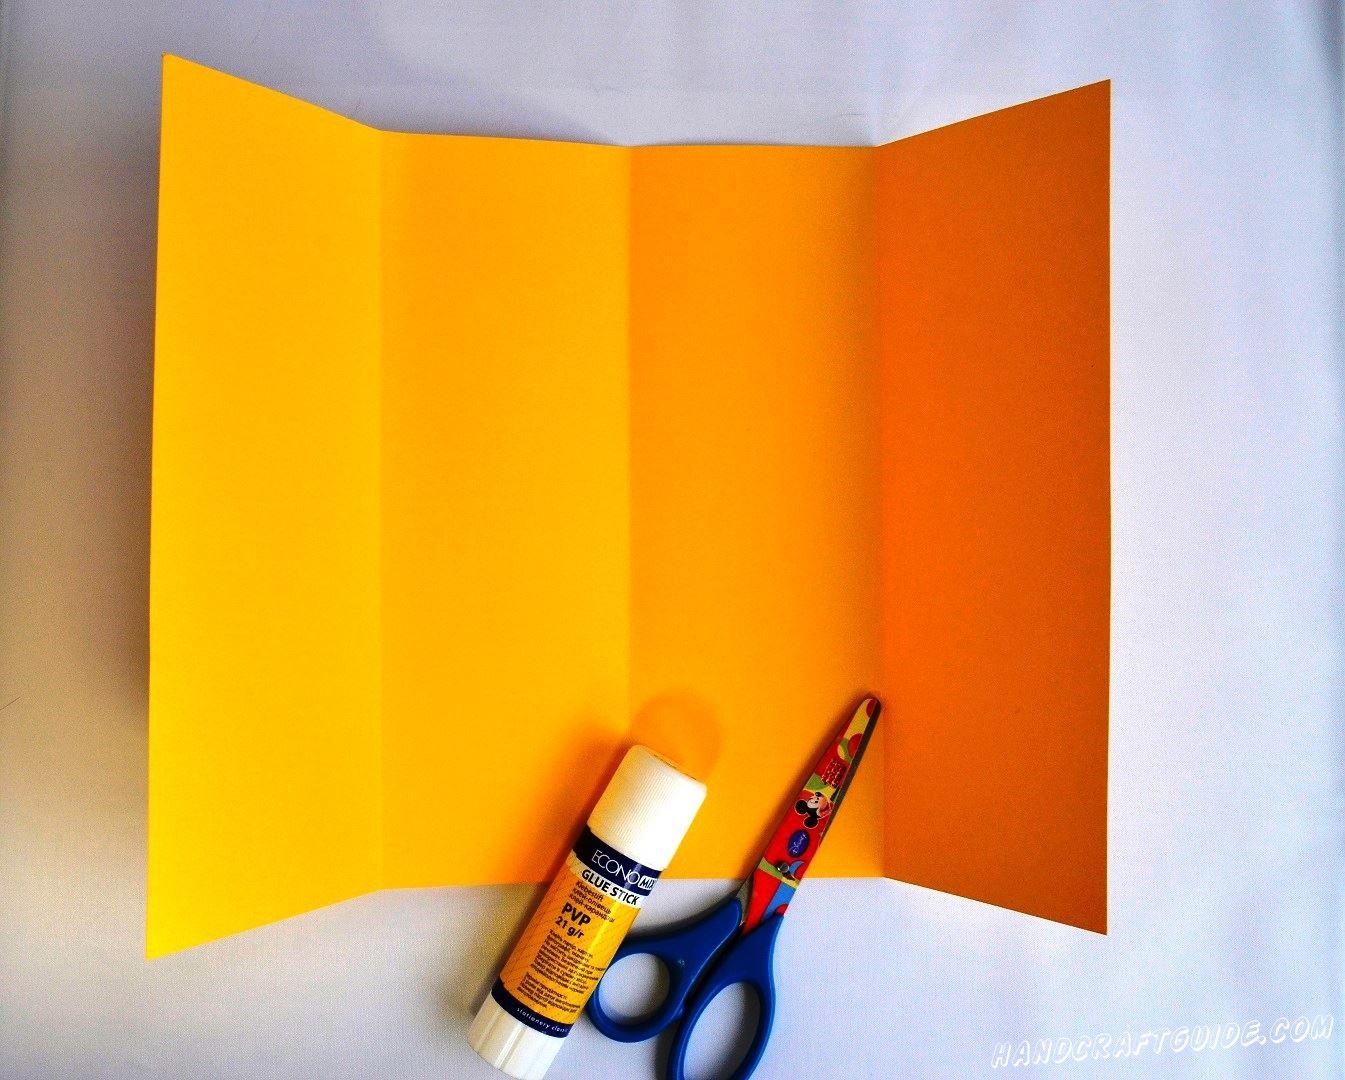 Берем лист цветной бумаги или картона и сгибаем его на 4 одинаковые полоски, разворачиваем нашу заготовку.